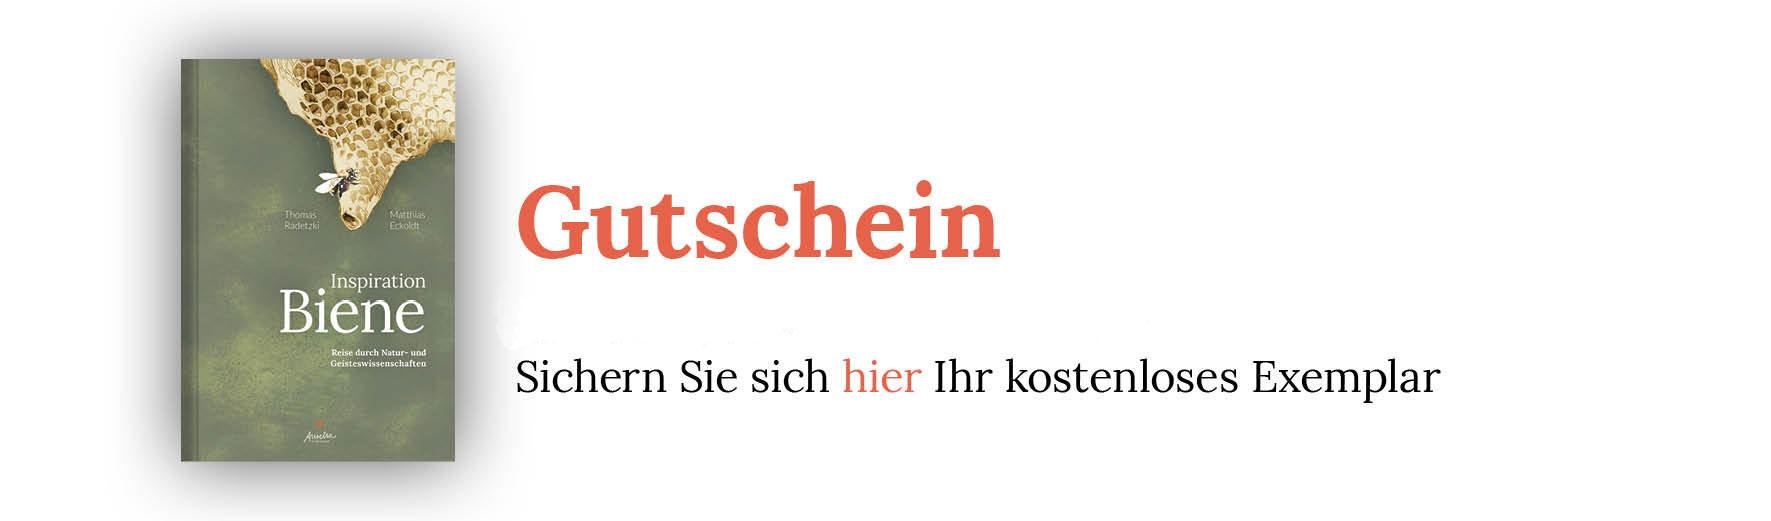 Gutschein-Sachbuch-InspirationBiene